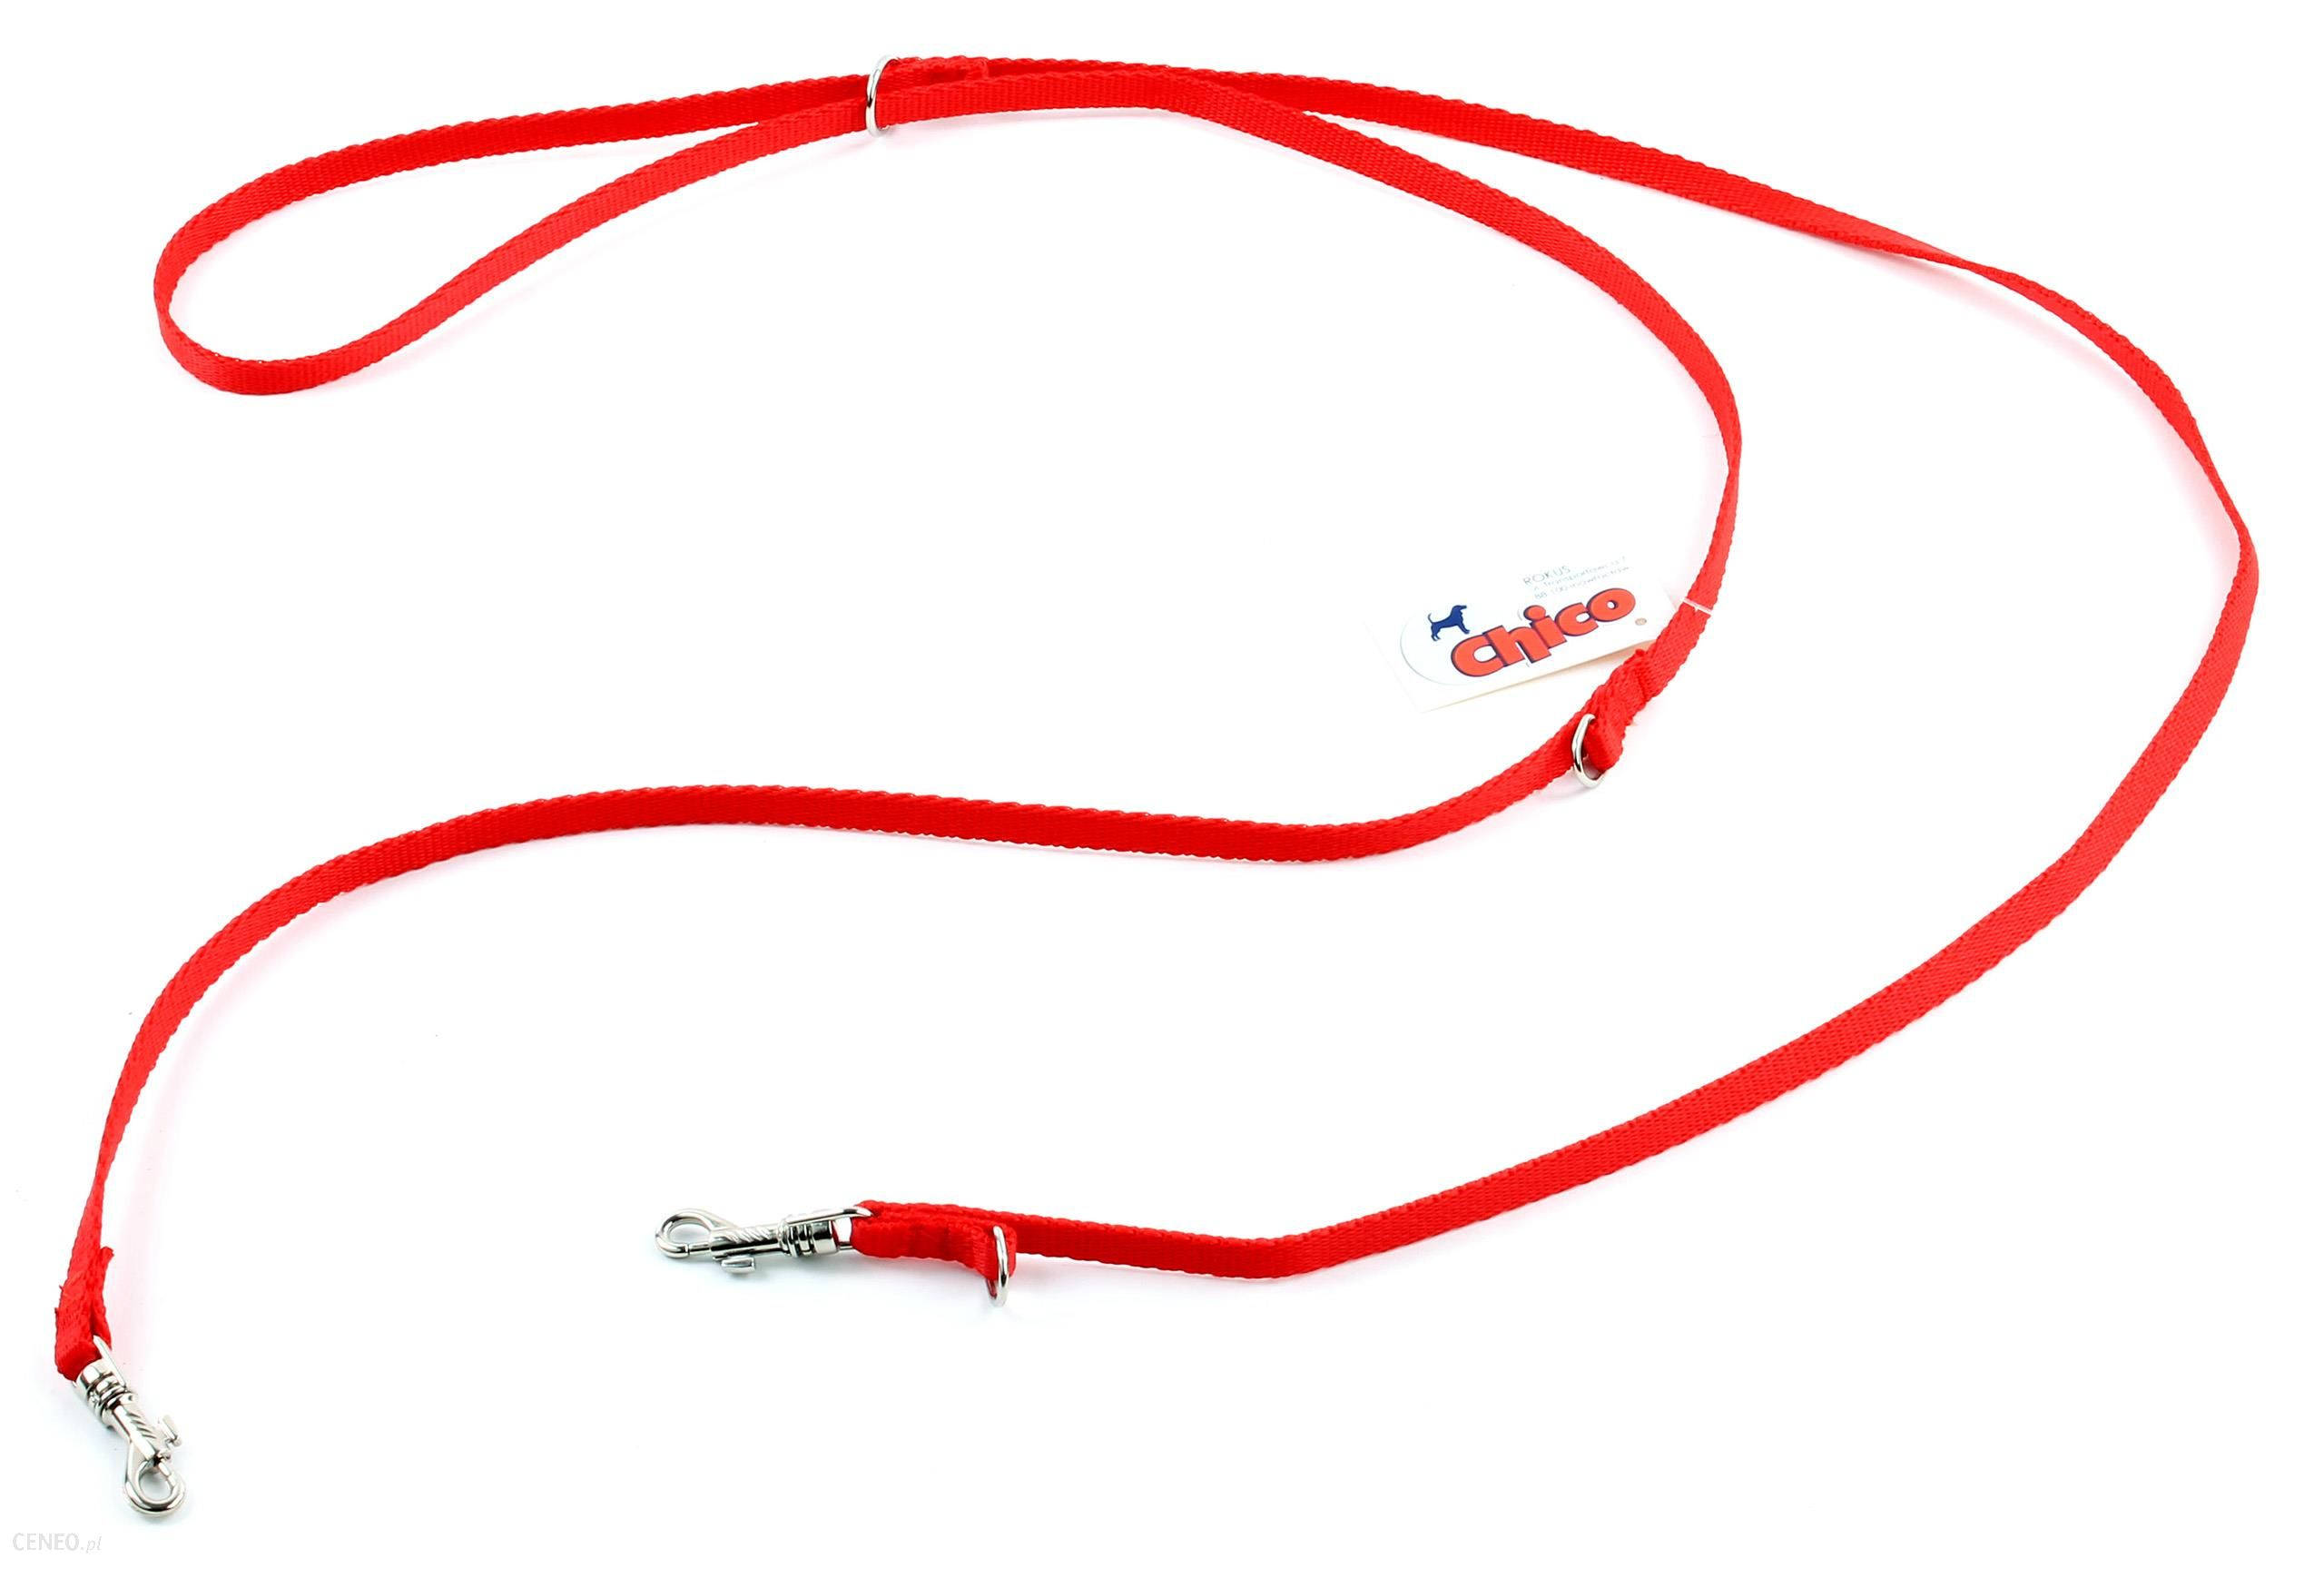 Smycz Taśma 20Mm Nylon Regulowana 115-190 Czerwona